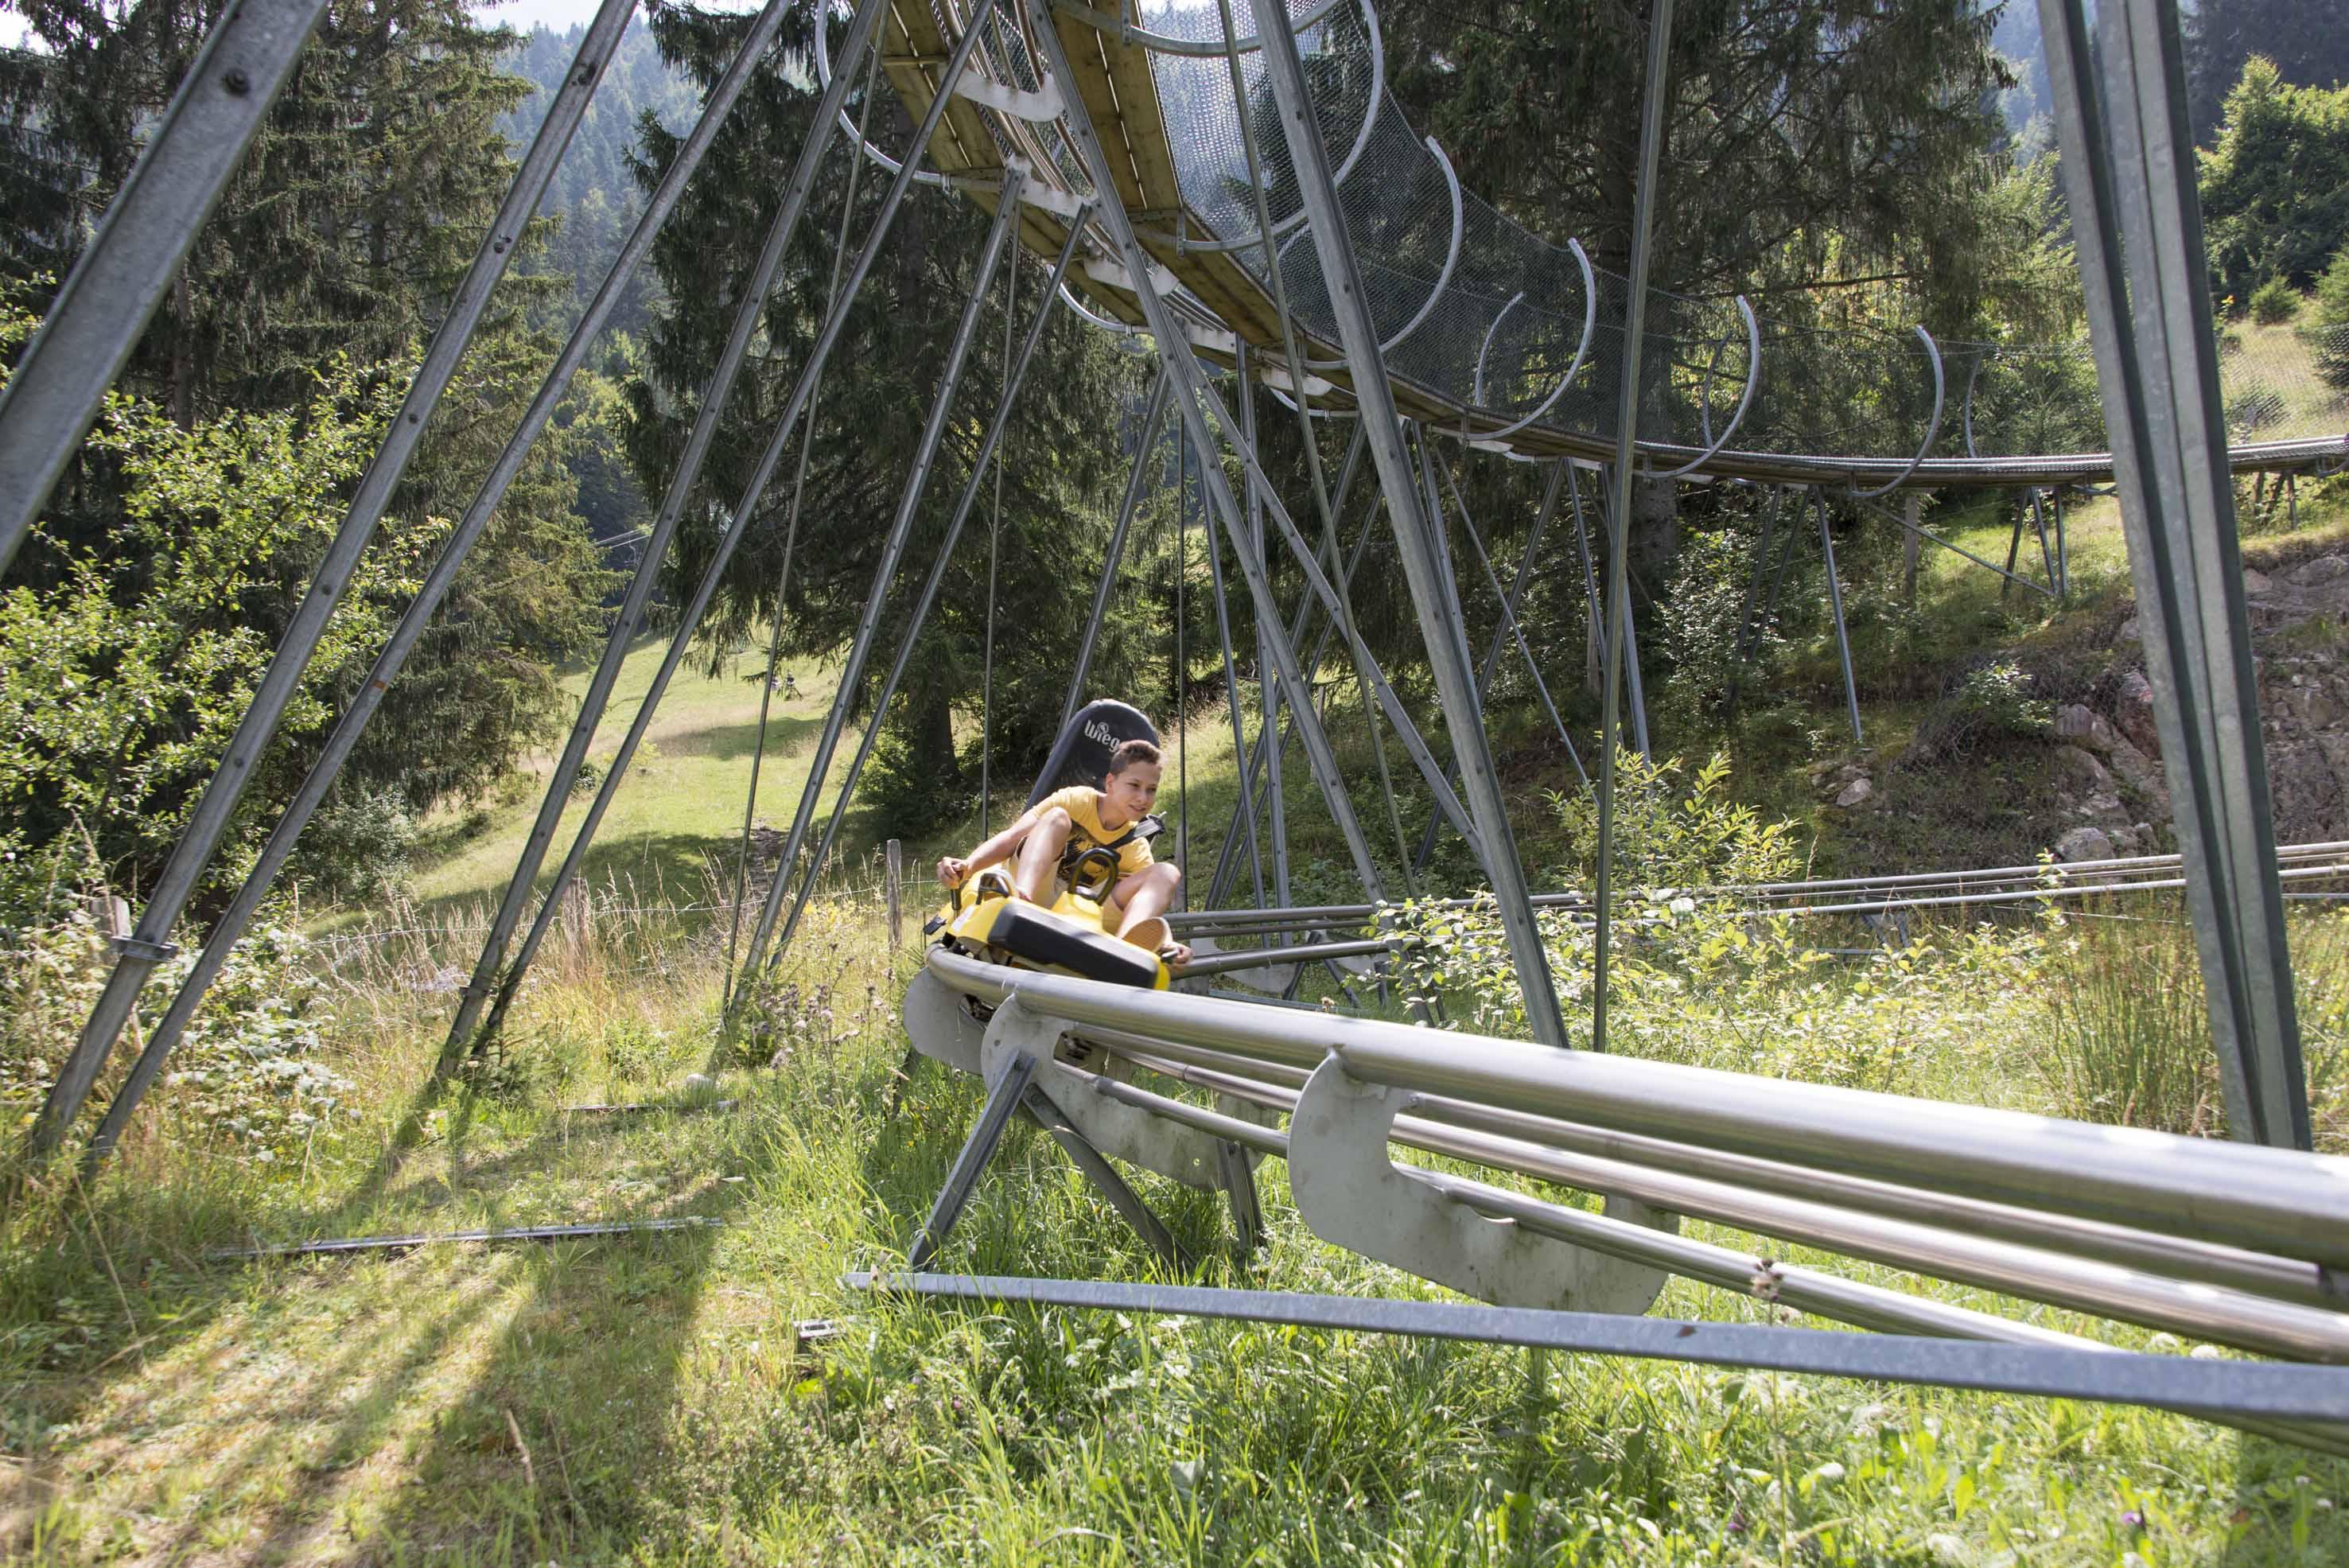 Parc de loisirs de La Robella: luge féeline